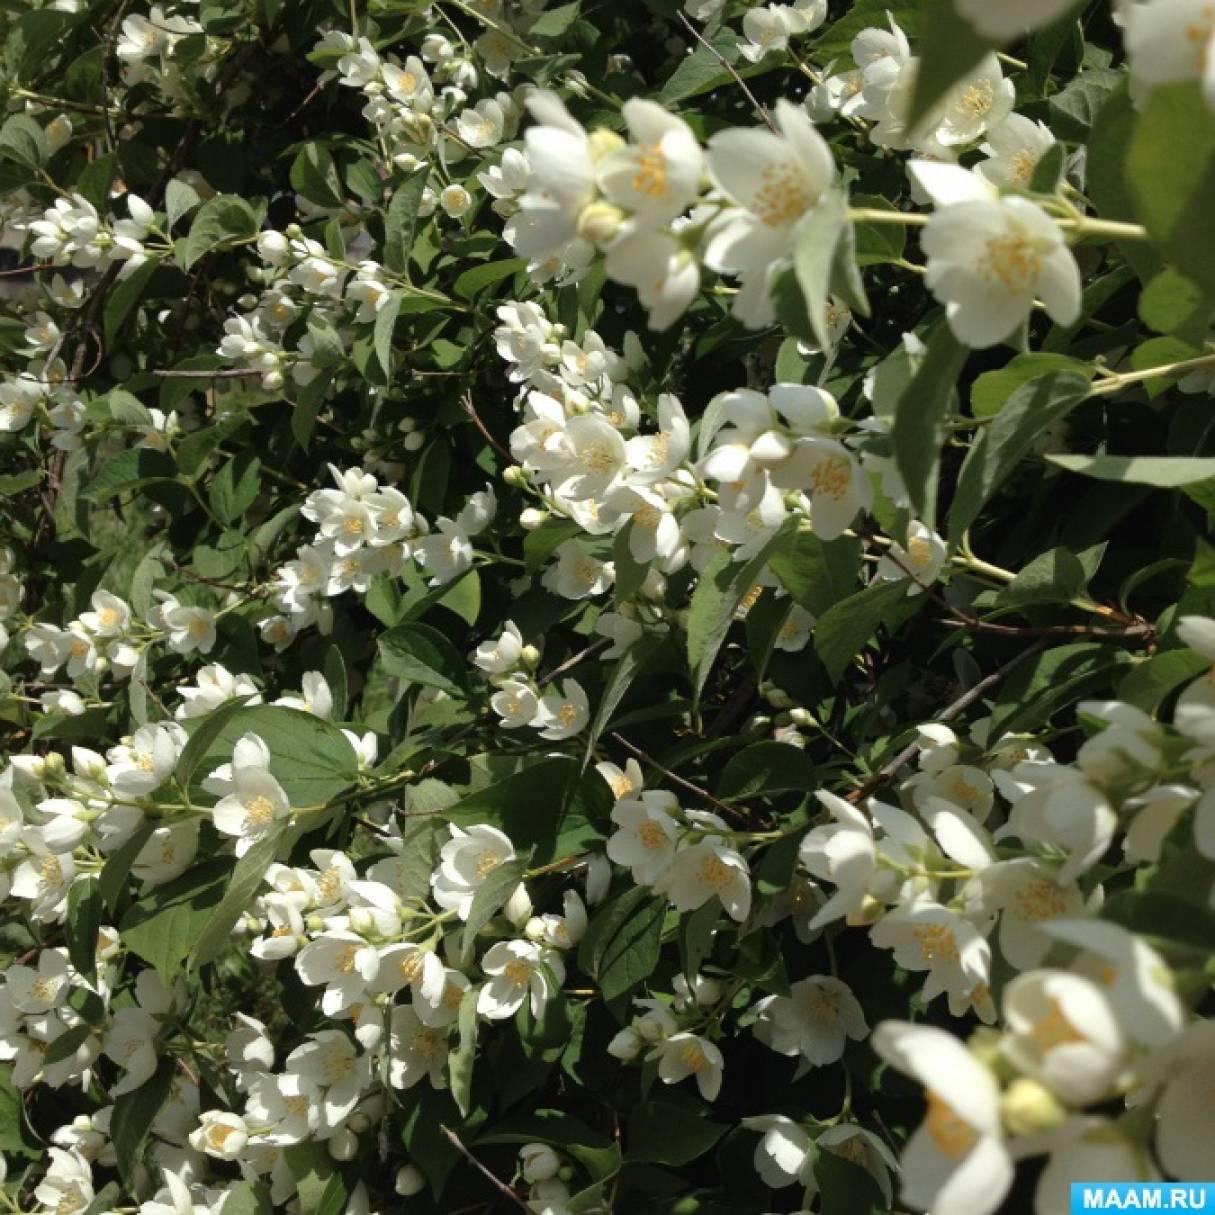 Наблюдение в природе «Белоснежное чудо лета— чубушник (садовый жасмин)»